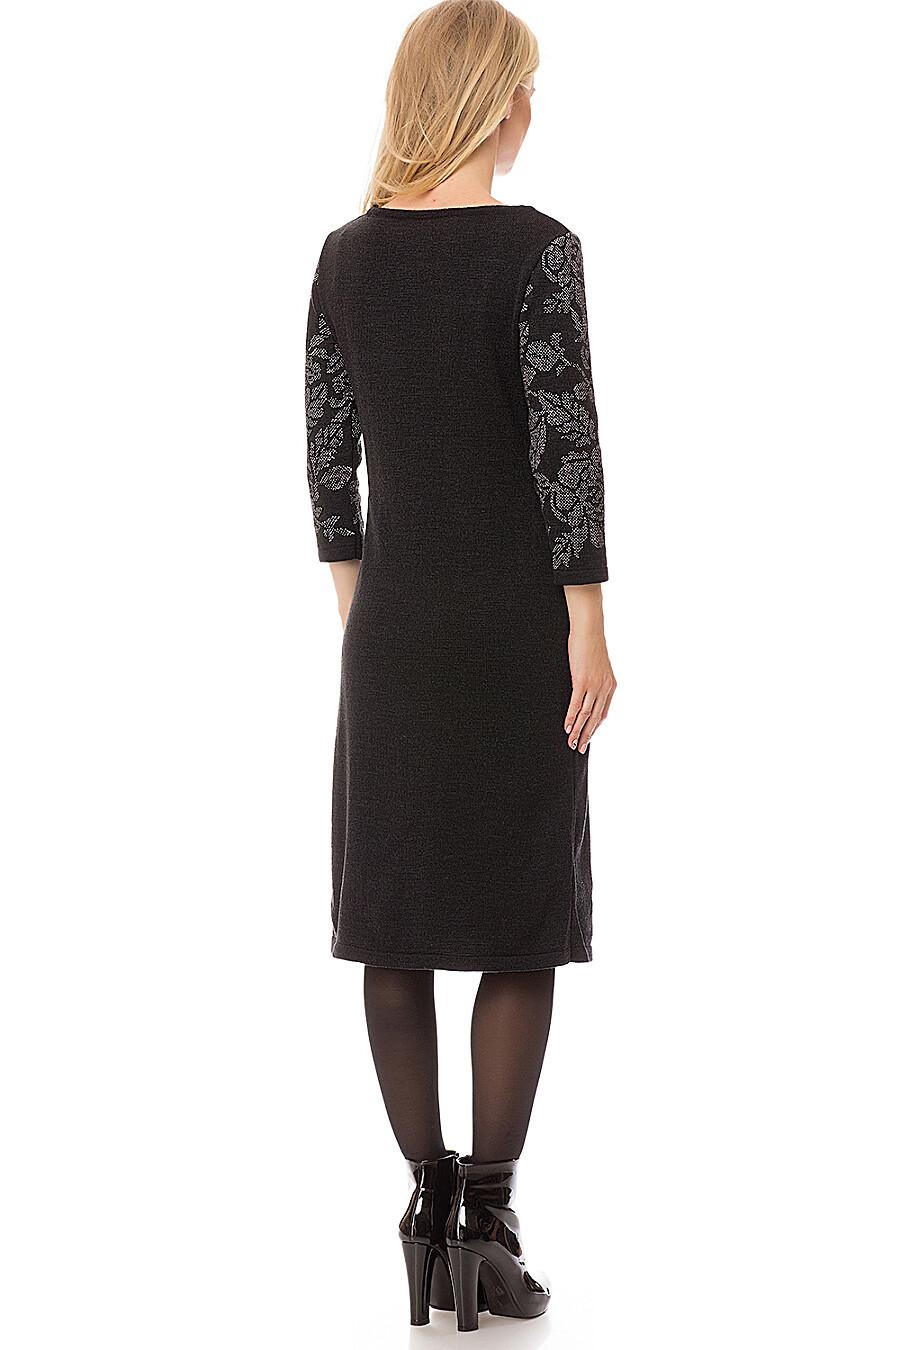 Платье #66546